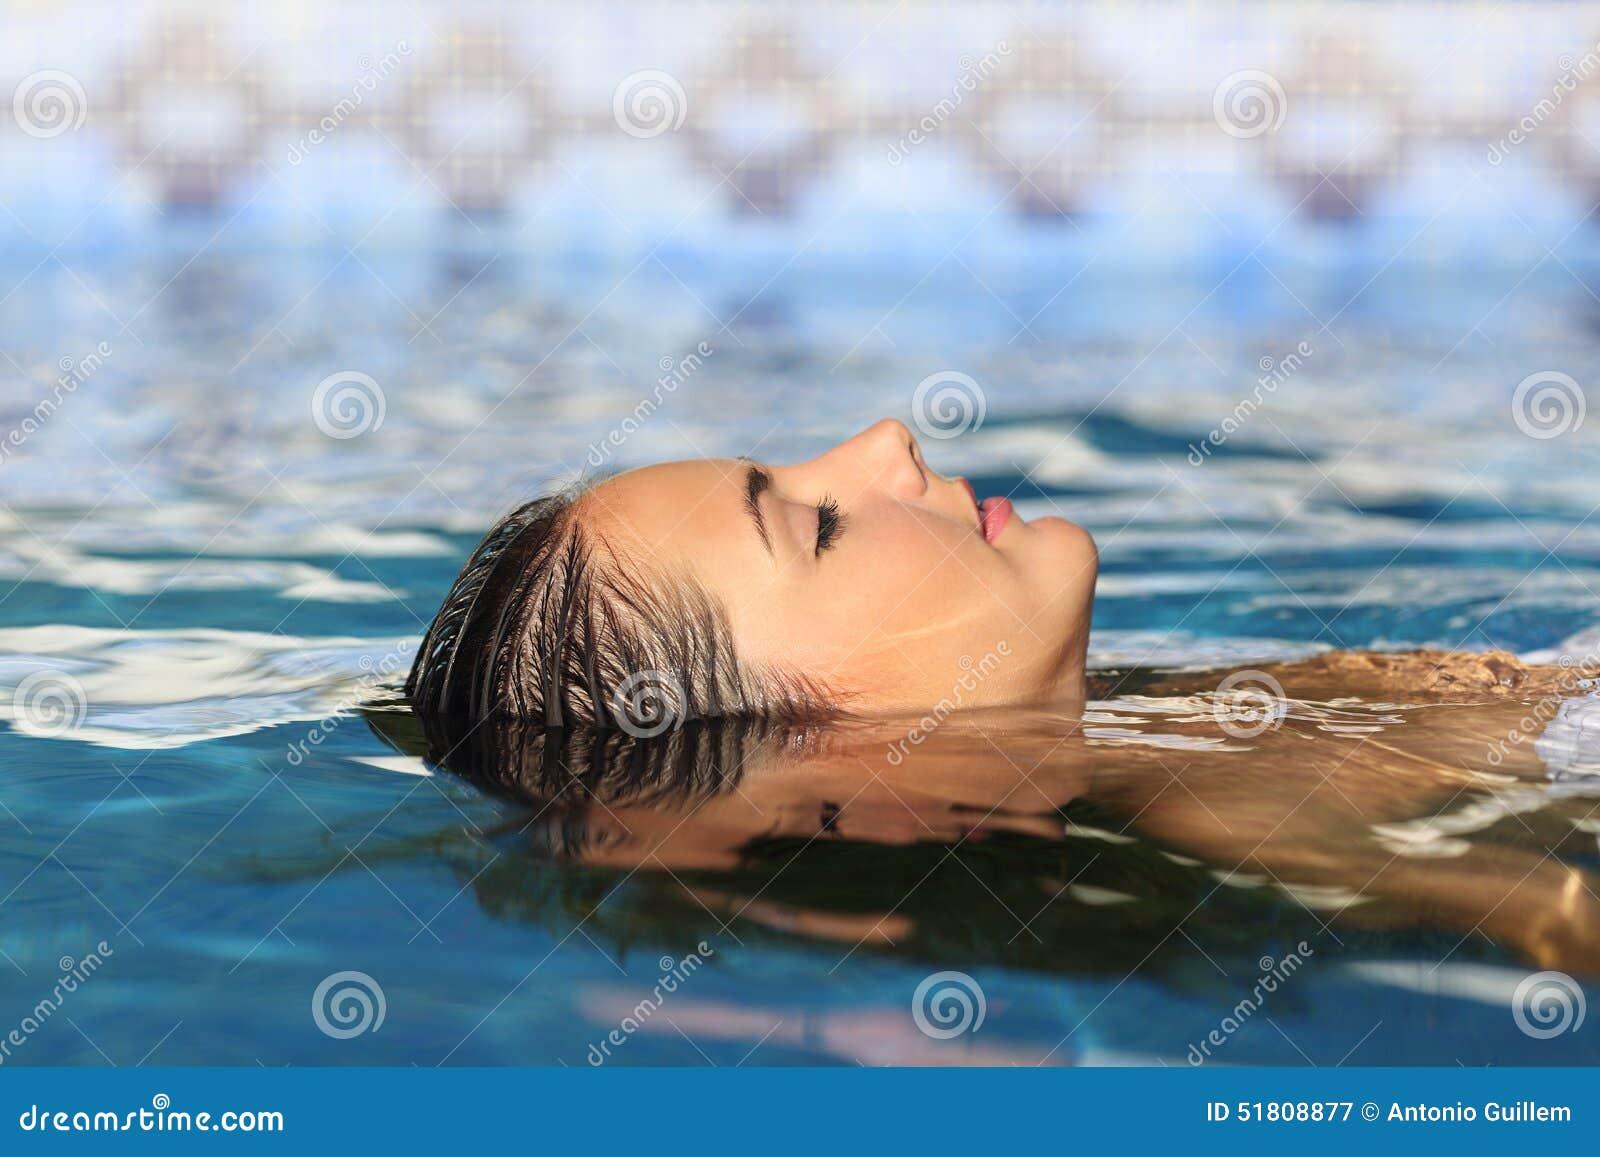 Flotación de relajación de la cara de la mujer en el agua de una piscina o de un balneario